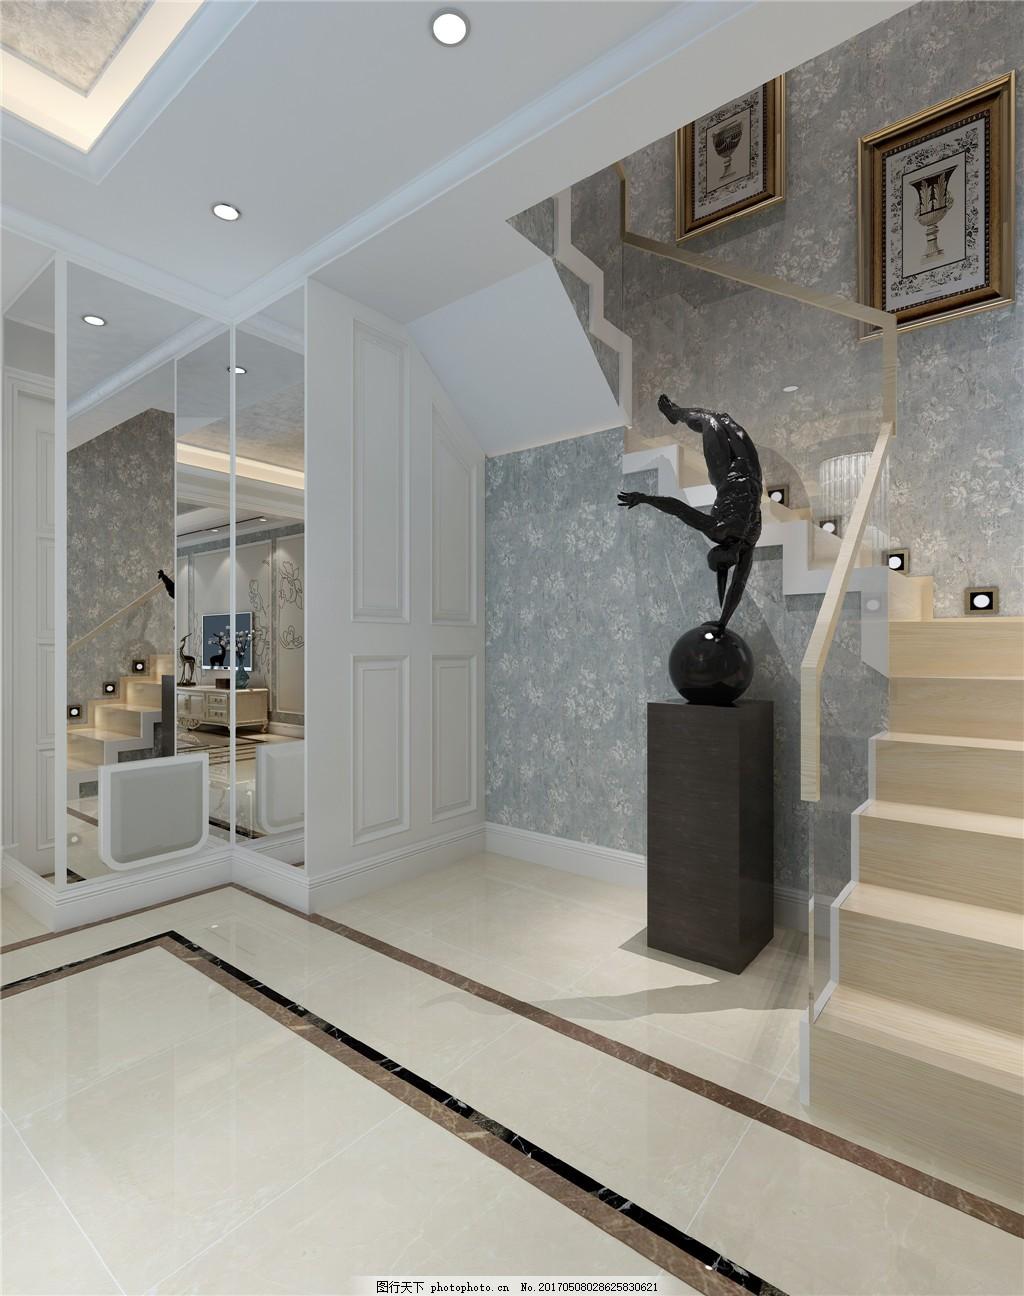 欧式别墅简装效果图 室内设计 家装效果图 欧式装修效果图 时尚 奢华